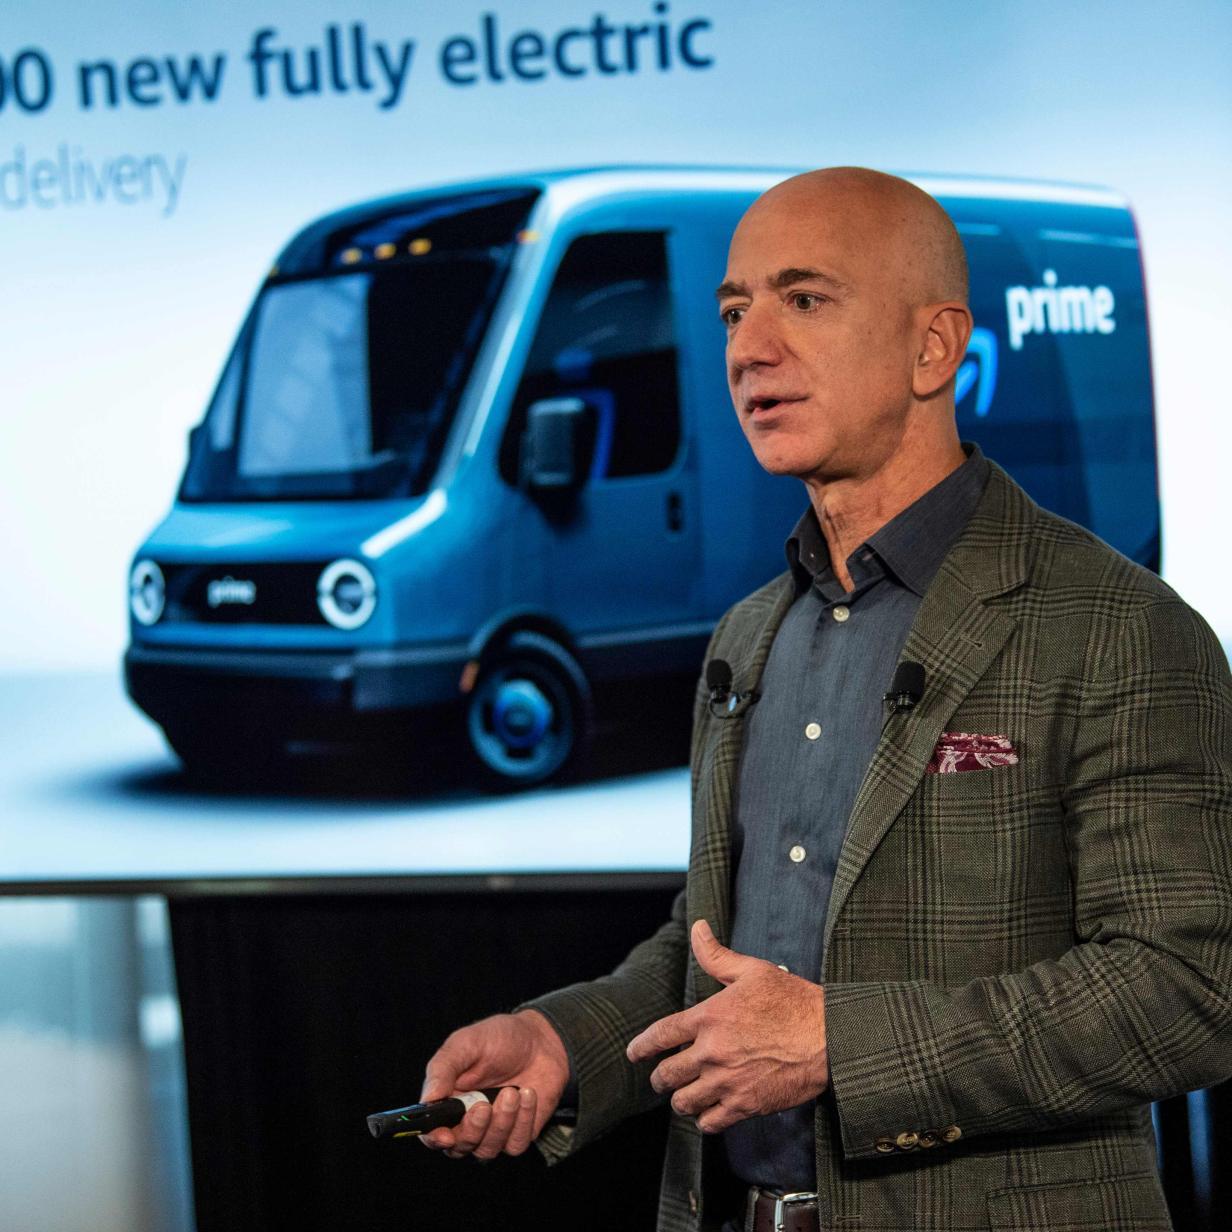 Amazon kauft 100.000 Elektro-Lieferwagen für Paketzustellung